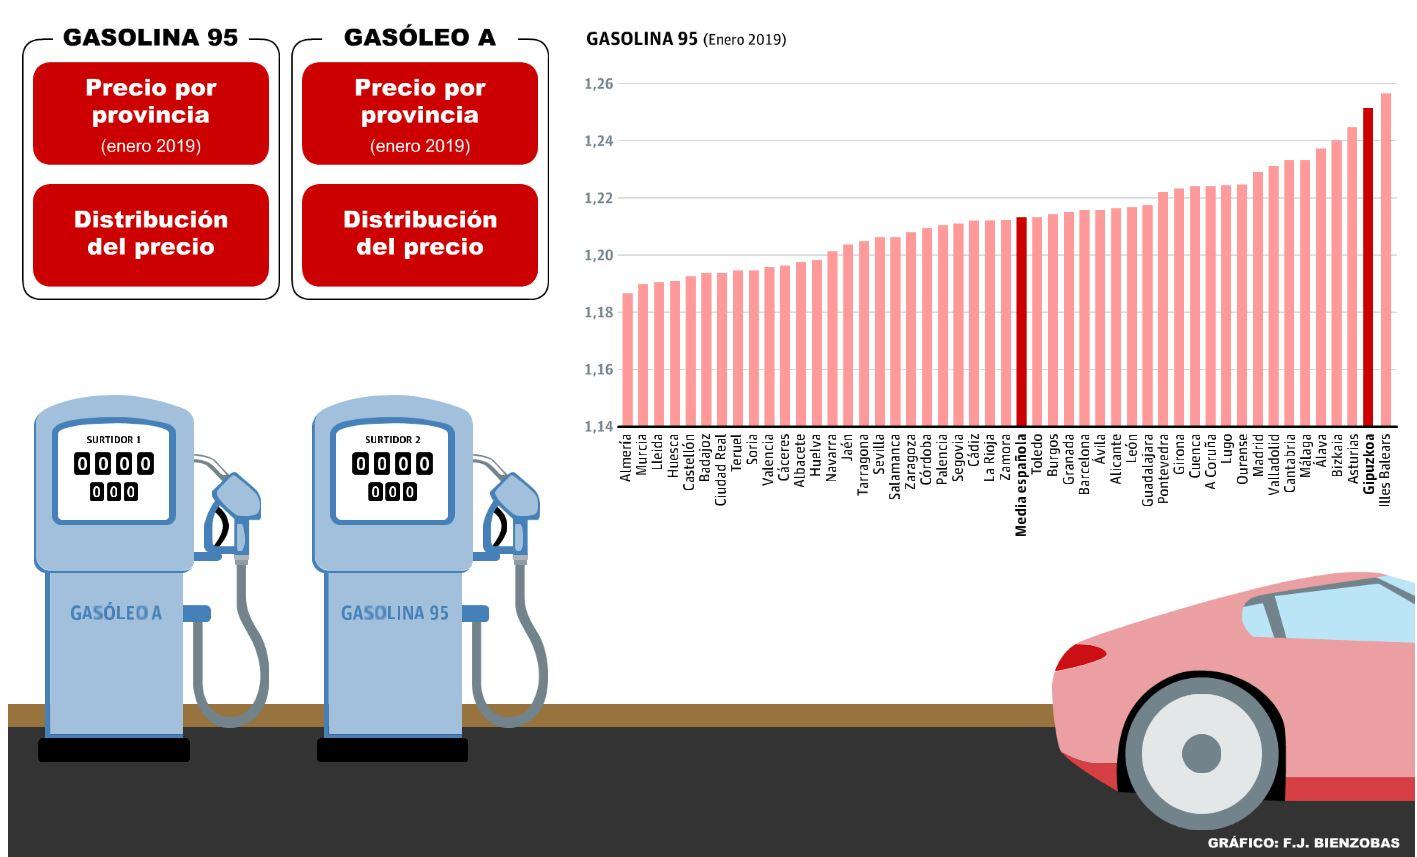 La subida fiscal a los carburantes consolida a Gipuzkoa con el precio más alto salvo Baleares